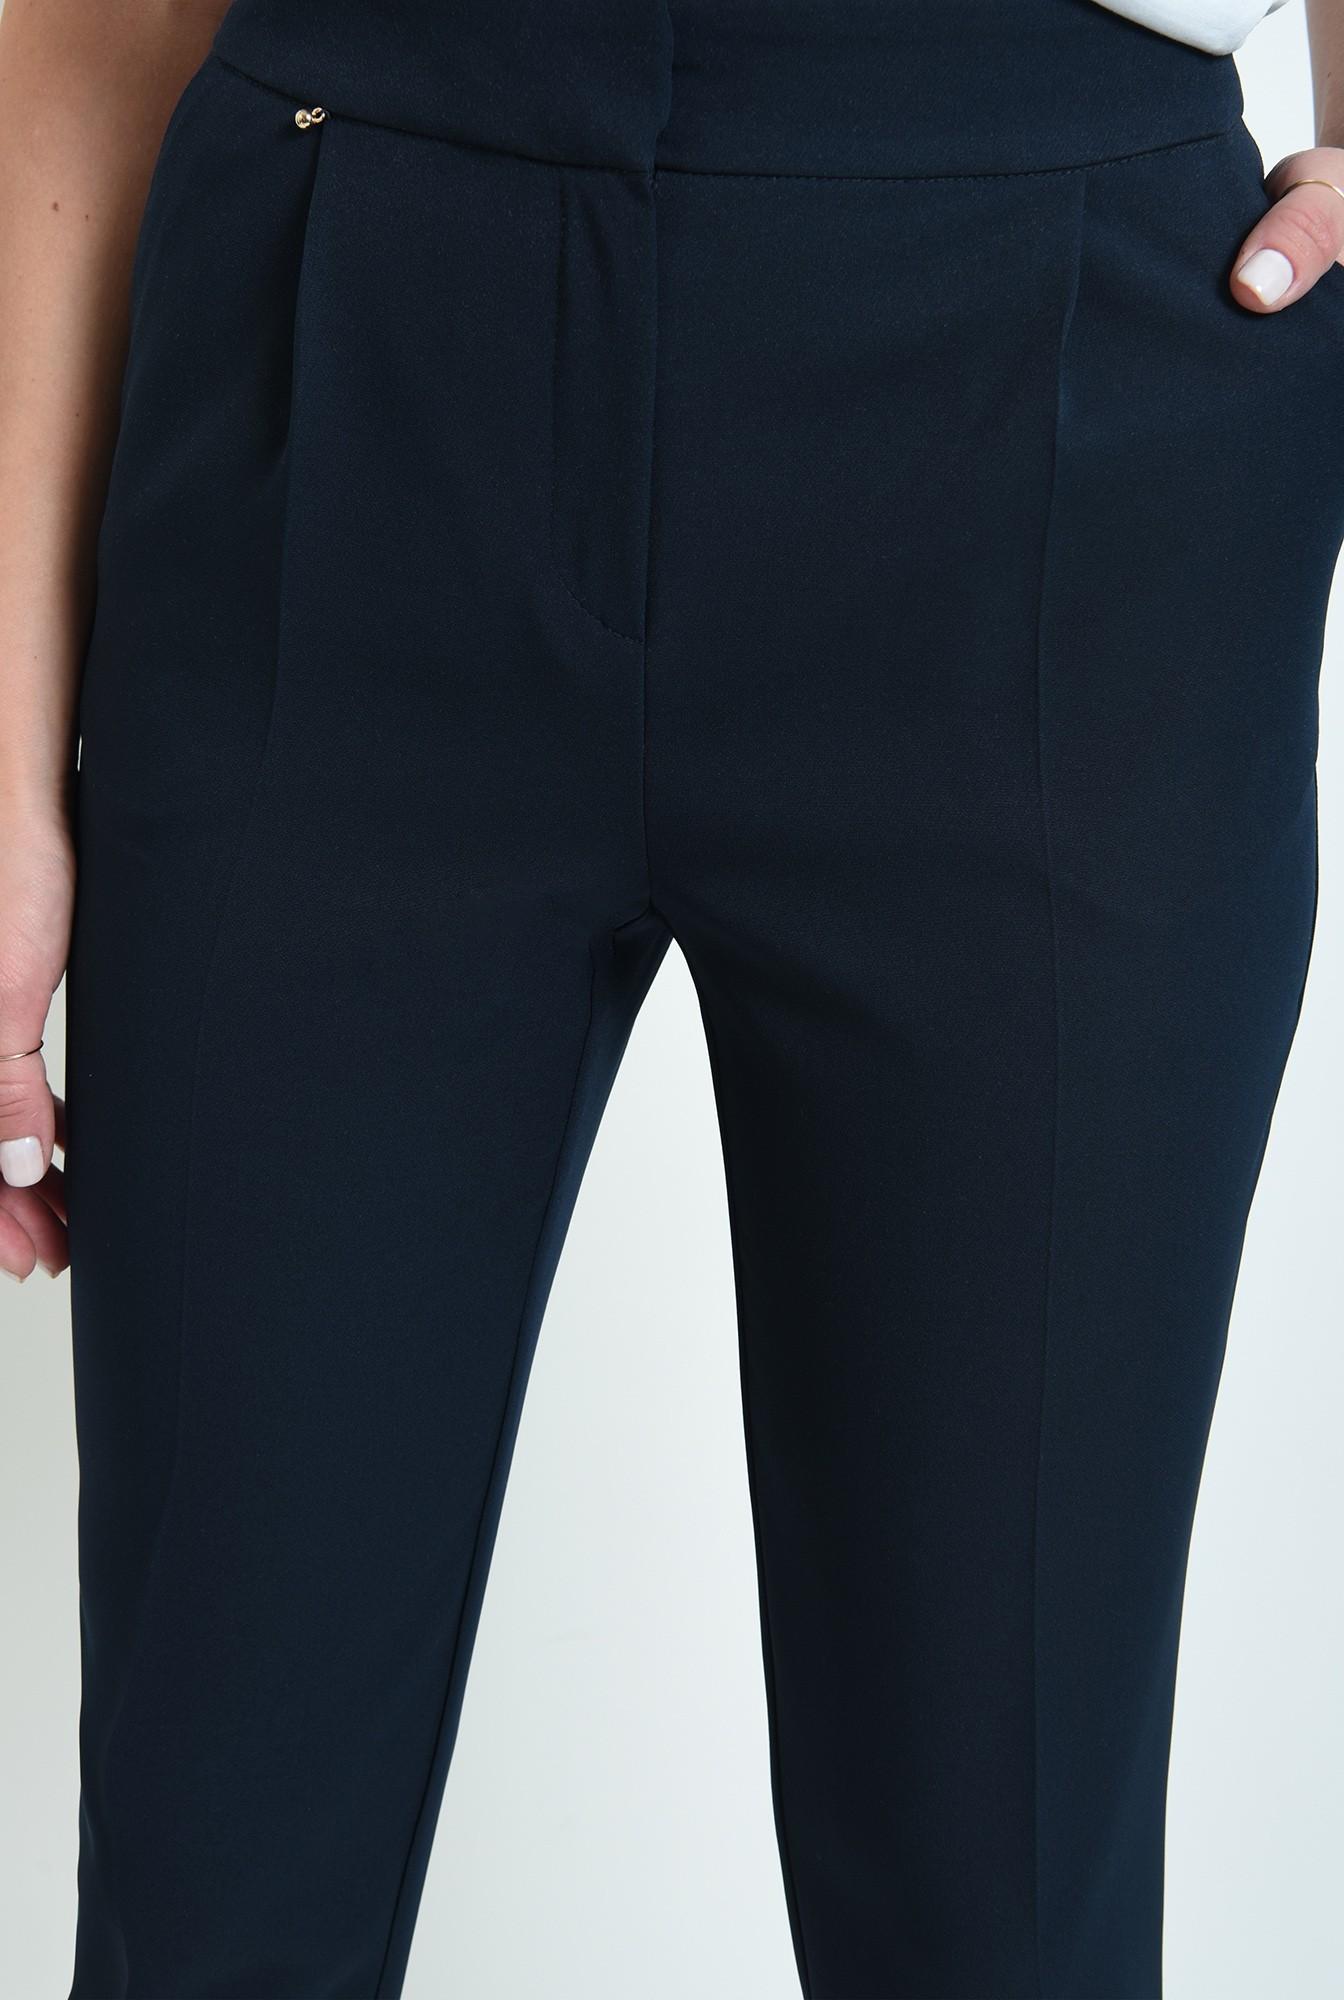 2 - pantaloni lungi, casual, cu pliuri, cu buzunare